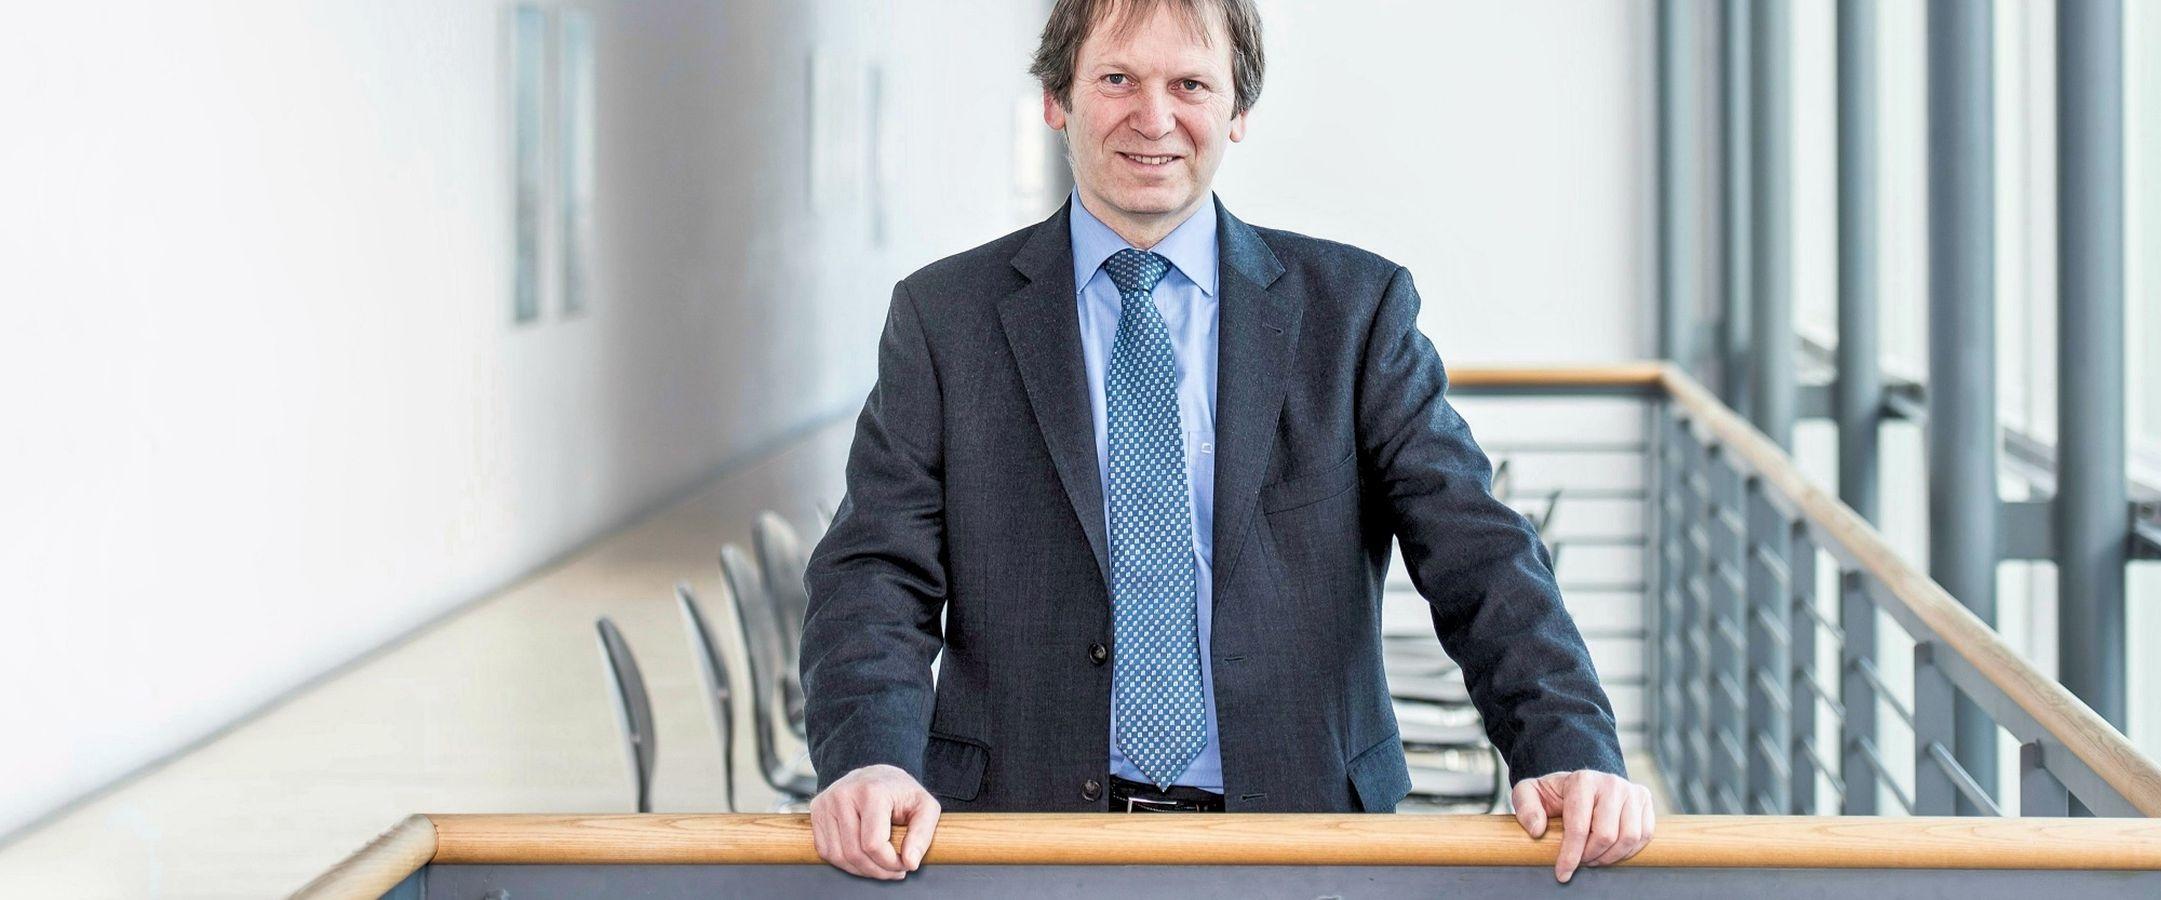 Porträt von Hans-Martin Henning, Leiter des Fraunhofer-Instituts für Solare Energiesysteme